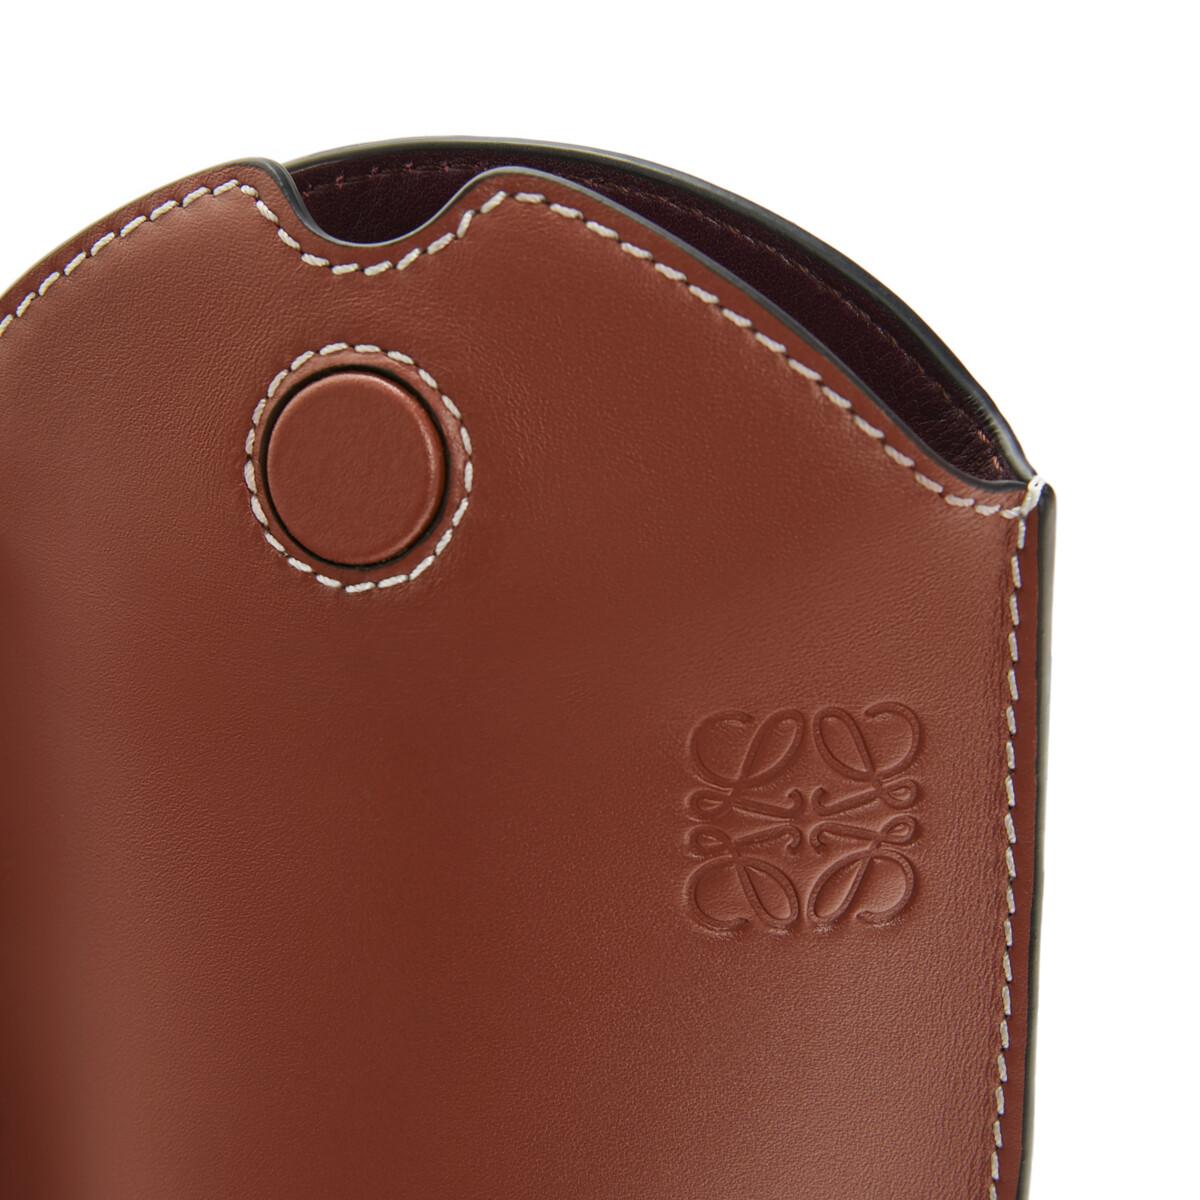 LOEWE Gate Pocket ラスティーカラー front